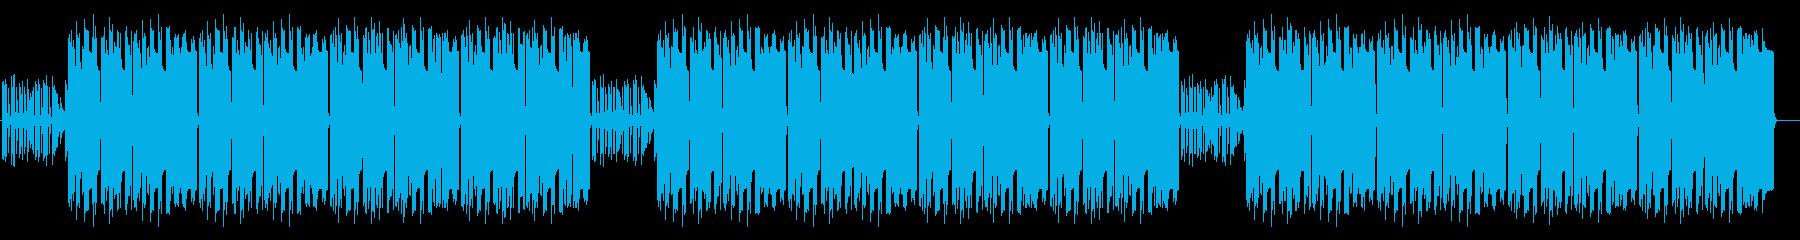 ゆるい雰囲気の日常 ほんわかリコーダーの再生済みの波形